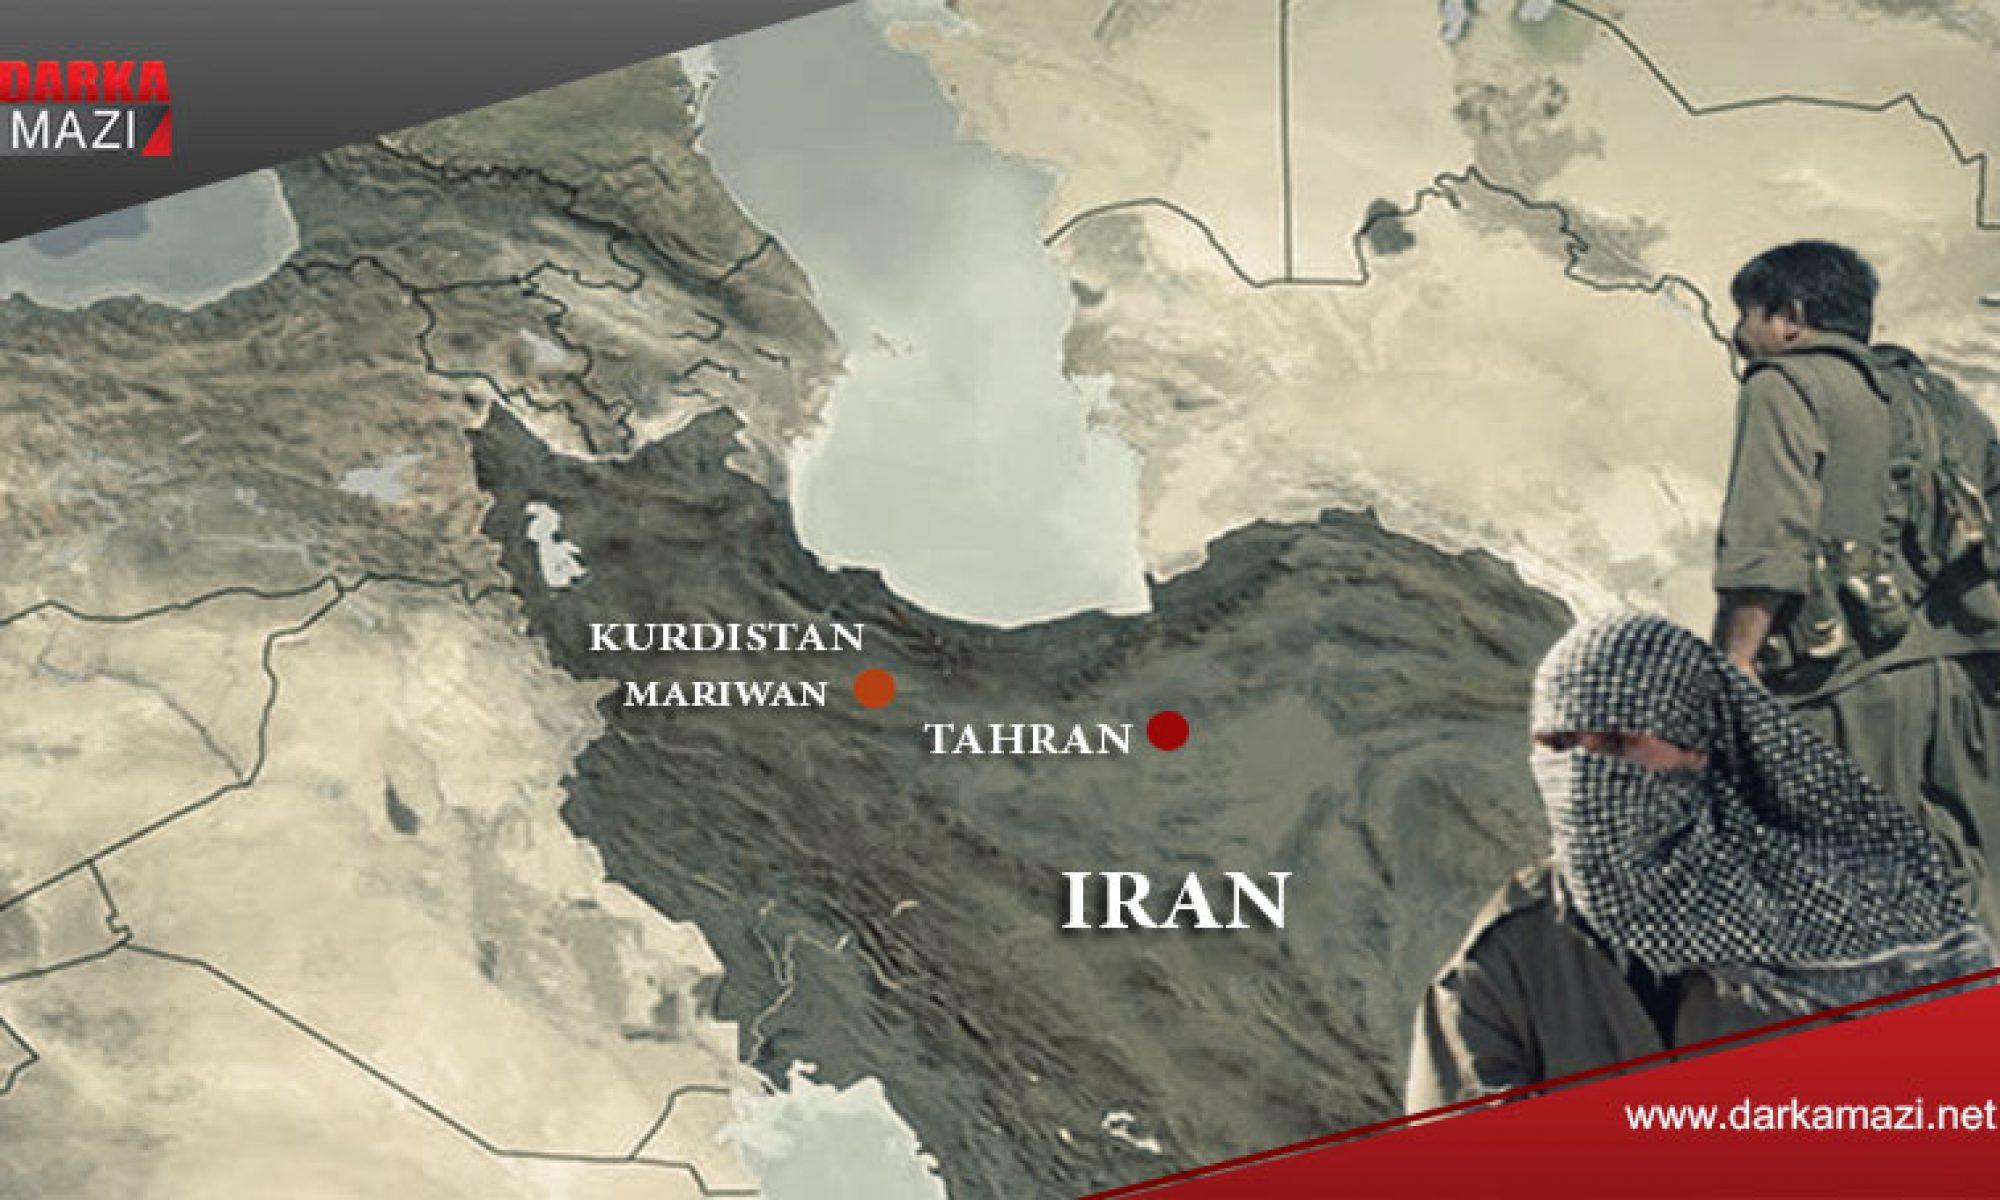 Doğu Kürdistan halkından PKK/PJAK'a protesto geldi